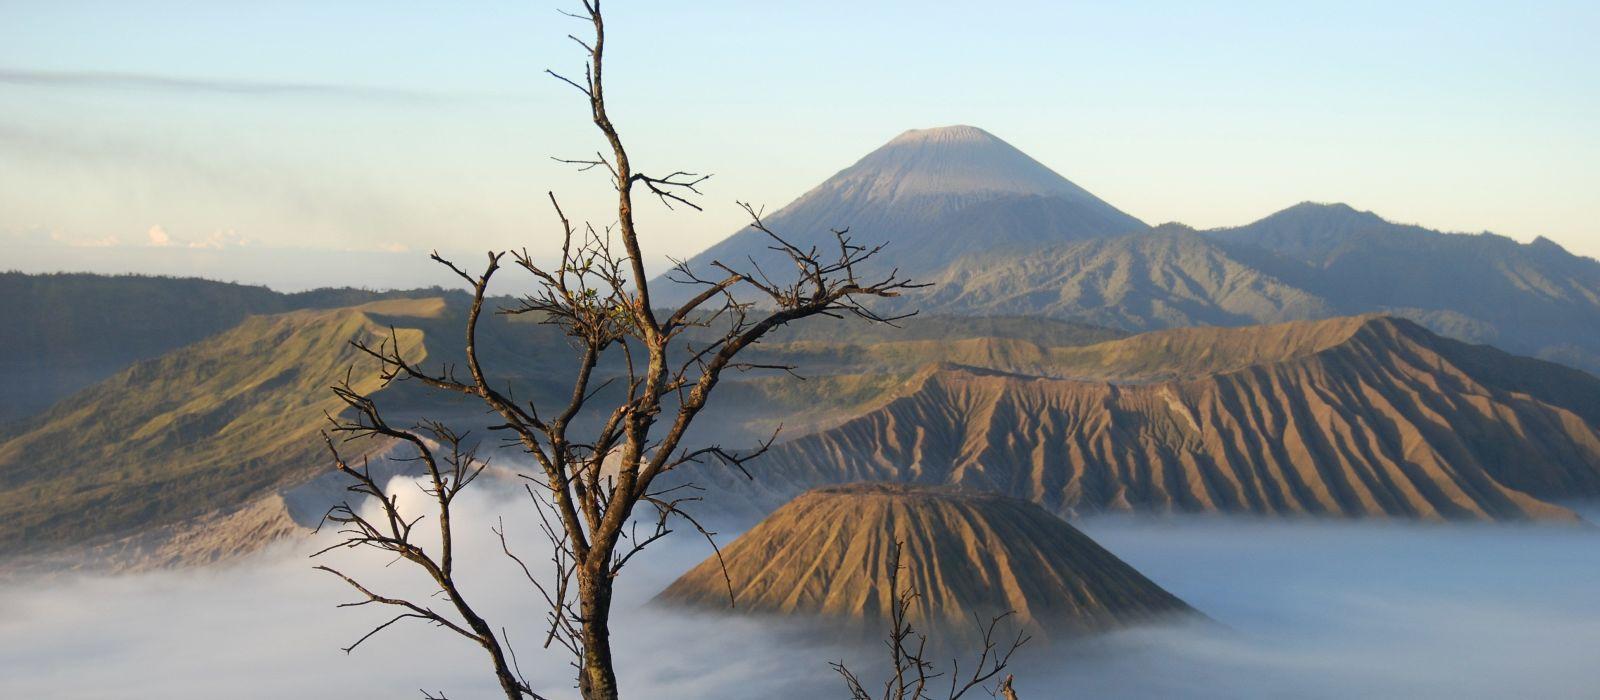 Indonesien für Einsteiger: Die Höhepunkte von Java und Bali Urlaub 2